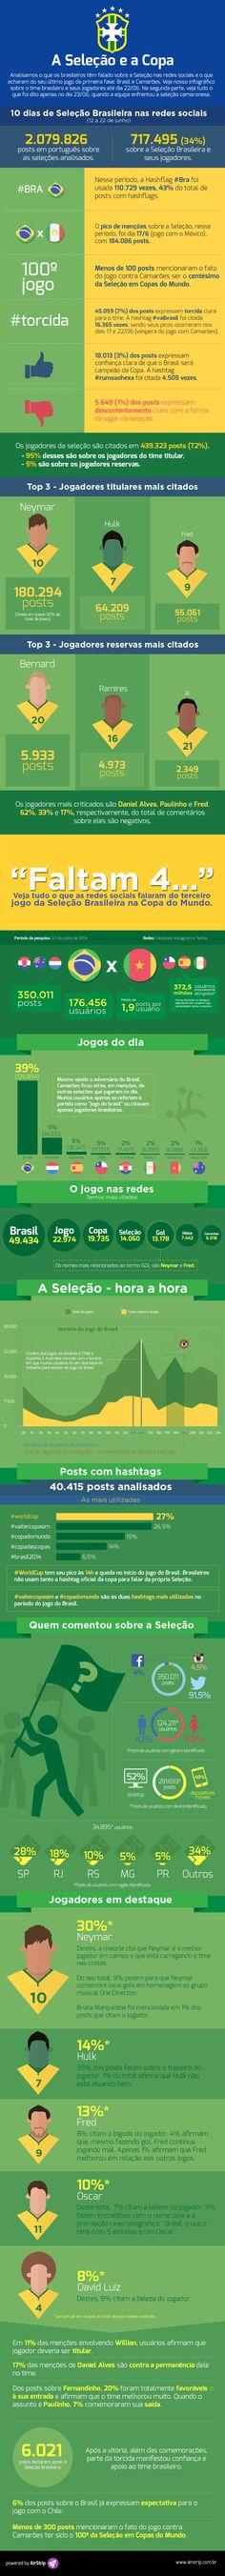 Infográfico: A Seleção Brasileira e a Copa do Mundo nas redes sociais